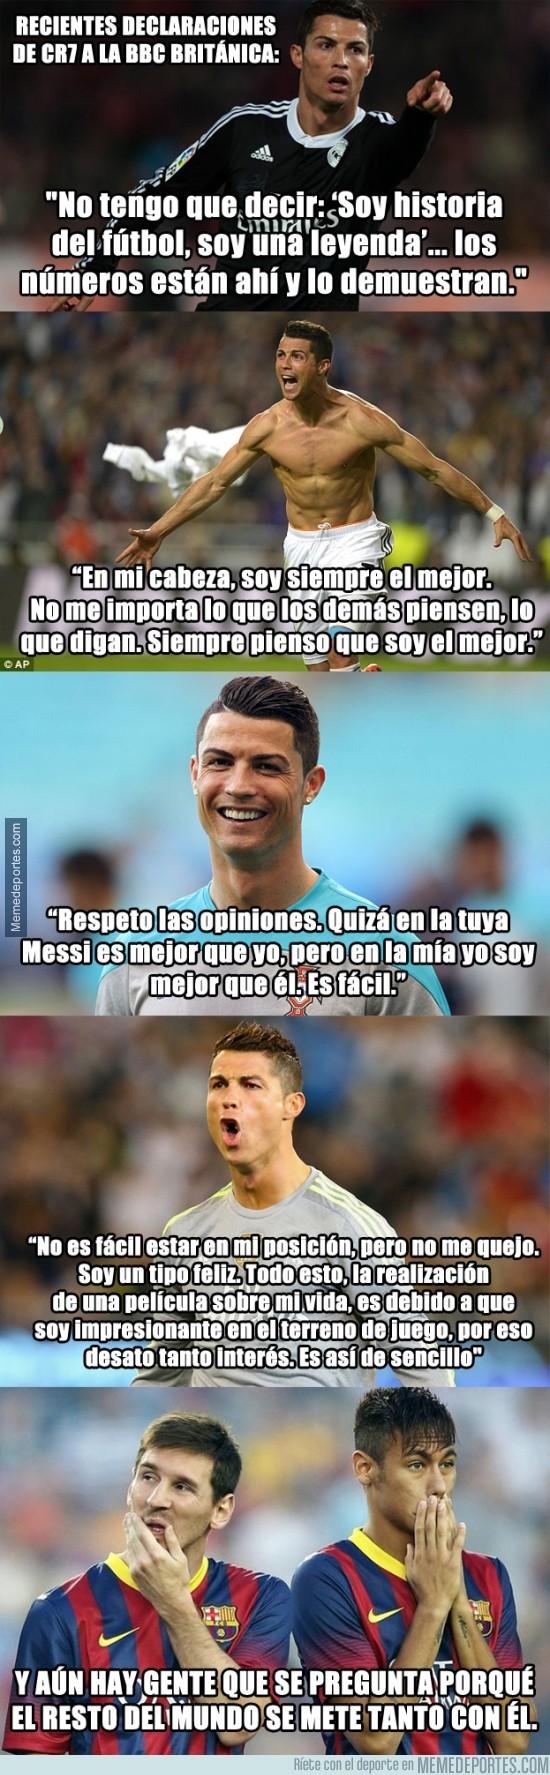 727315 - Cristiano Ronaldo no tiene abuela. Atención a sus declaraciones